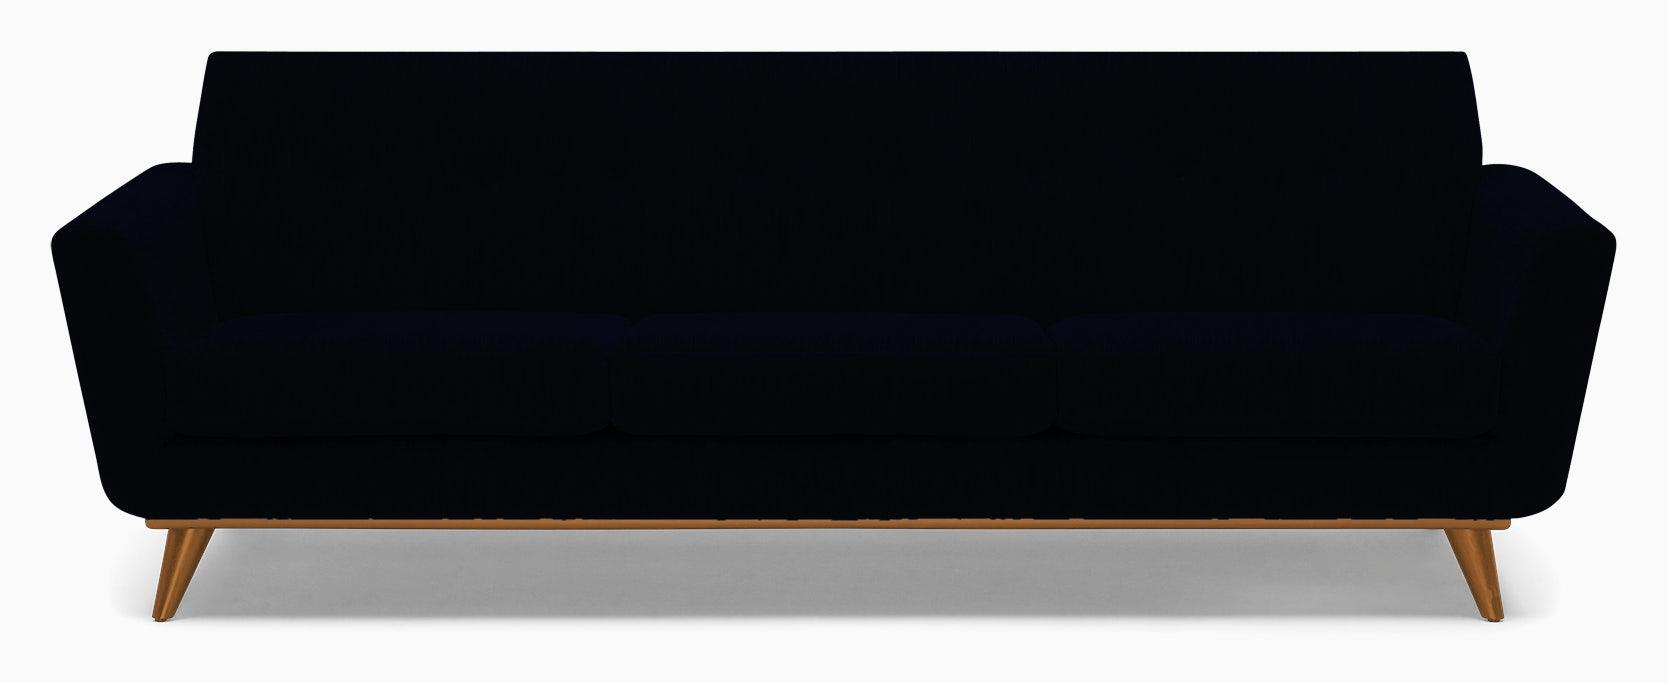 hughes grand sofa bentley indigo